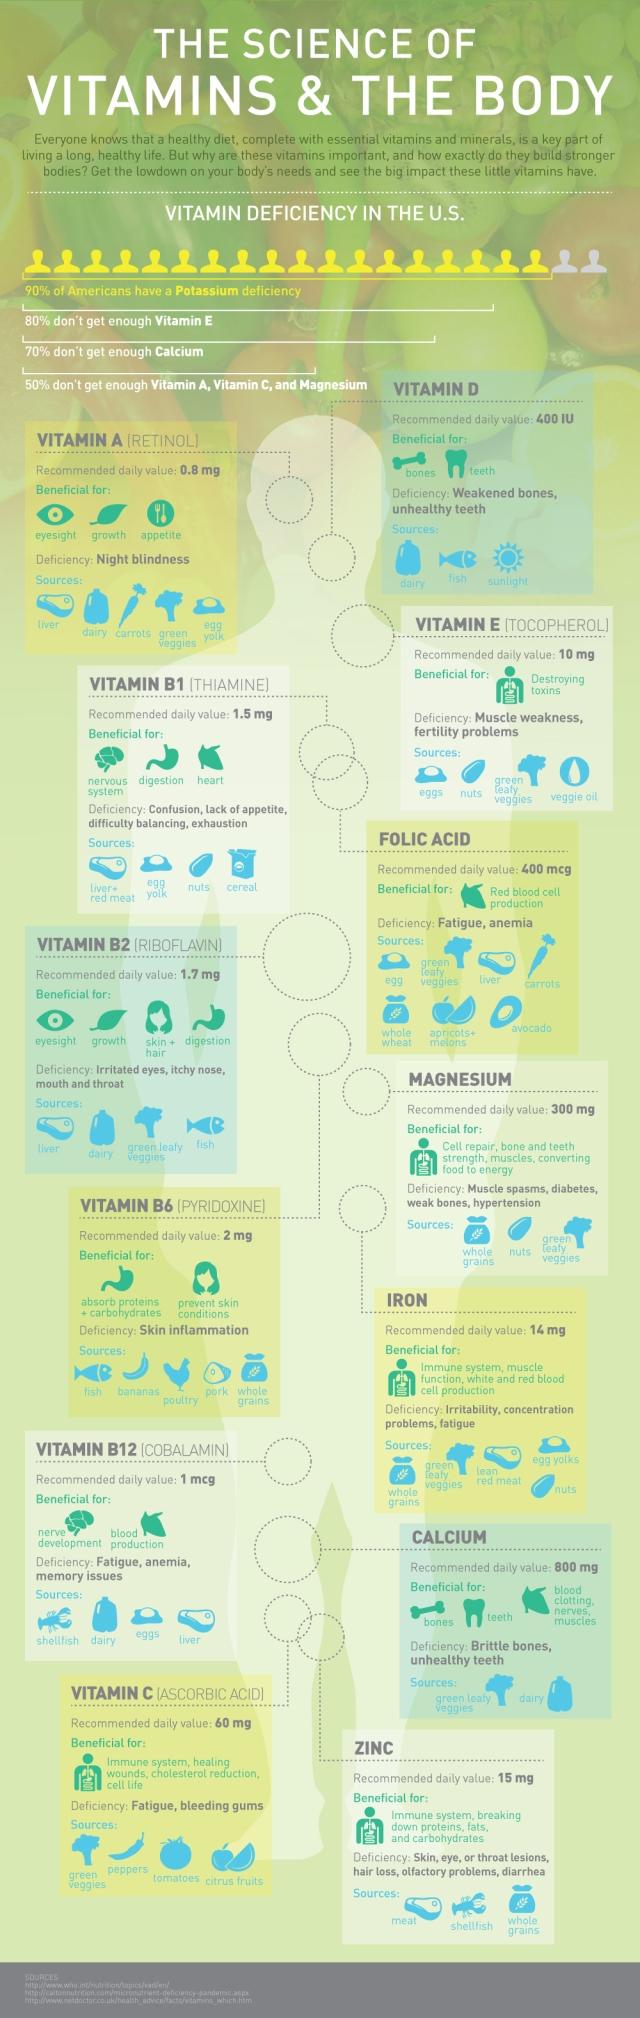 La ciencia de las vitaminas y el cuerpo